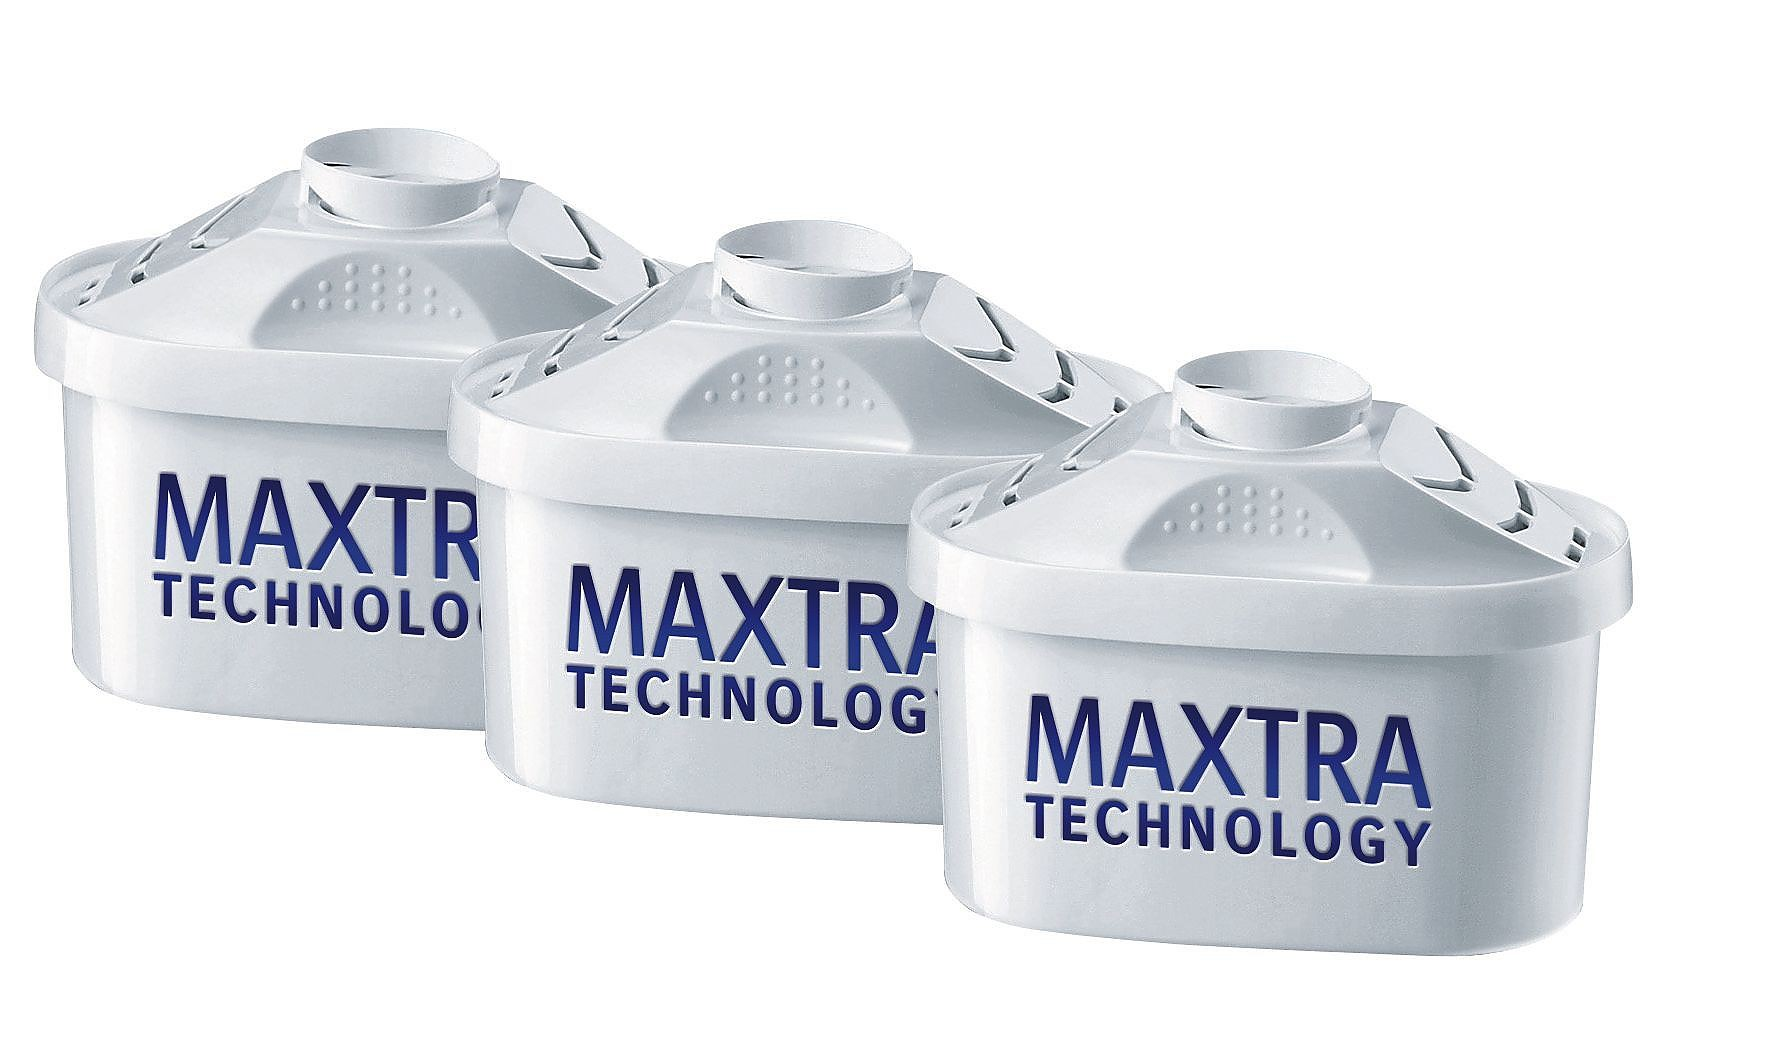 kartuschen pack 3 maxtra brita accessori gasatori e sistemi filtranti acqua. Black Bedroom Furniture Sets. Home Design Ideas